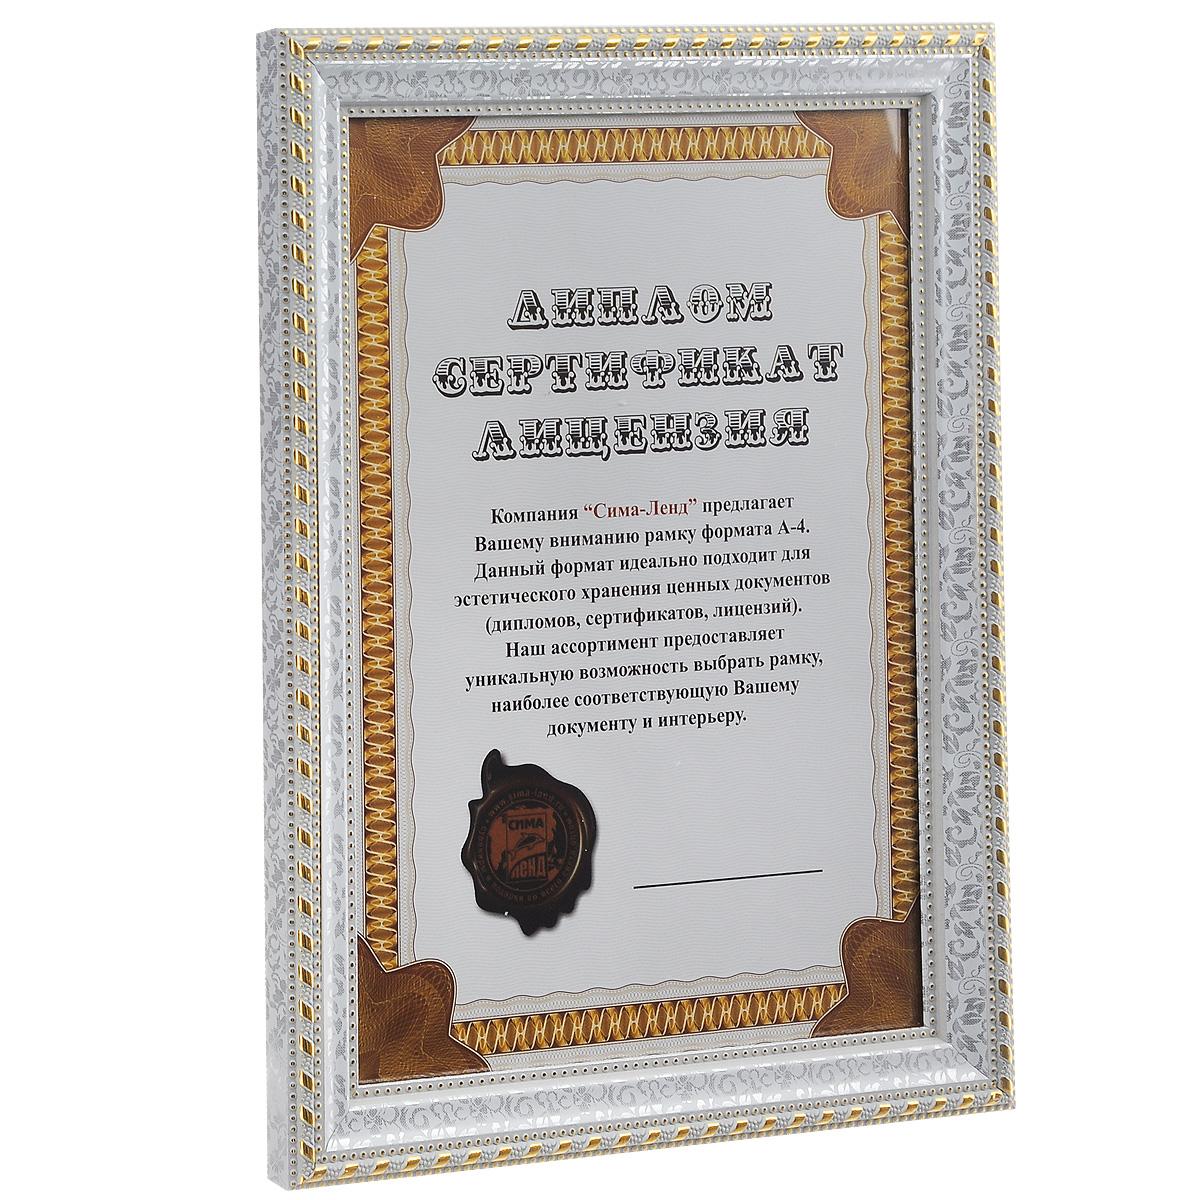 Фоторамка Sima-land Жасмин, формат А41020765Декоративная фоторамка Sima-land Жасмин выполнена в классическом стиле из пластика и стекла, защищающего фотографию. Рамка декорирована оригинальными узорами и золотистыми вставками. Оборотная сторона рамки оснащена специальной ножкой, благодаря которой ее можно поставить на стол или любое другое место в доме или офисе. Также рамка снабжена металлической петелькой для подвешивания на стену. Такая фоторамка украсит ваш интерьер оригинальным образом, а также позволит сохранить память о дорогих вам людях и интересных событиях вашей жизни. В рамку можно вставить не только любимую фотографию, но и ценный документ. С ней вы сможете не просто внести в интерьер своего дома элемент оригинальности, но и создать атмосферу загадочности и изысканности.